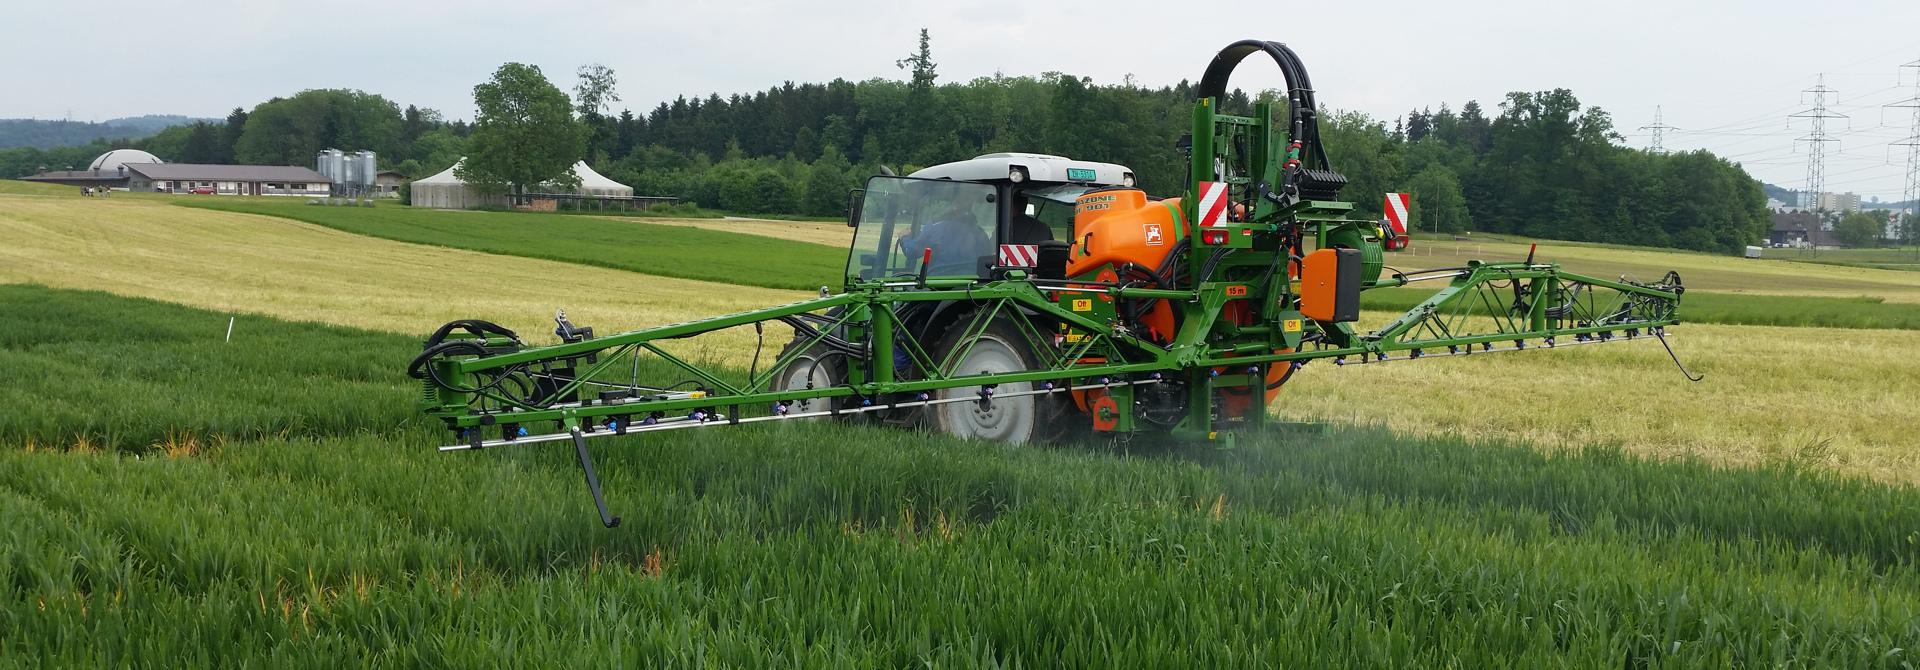 Fu00fcr das Ausbringen von Pflanzenschutzmitteln im Ausland gelten klare Bestimmungen. >